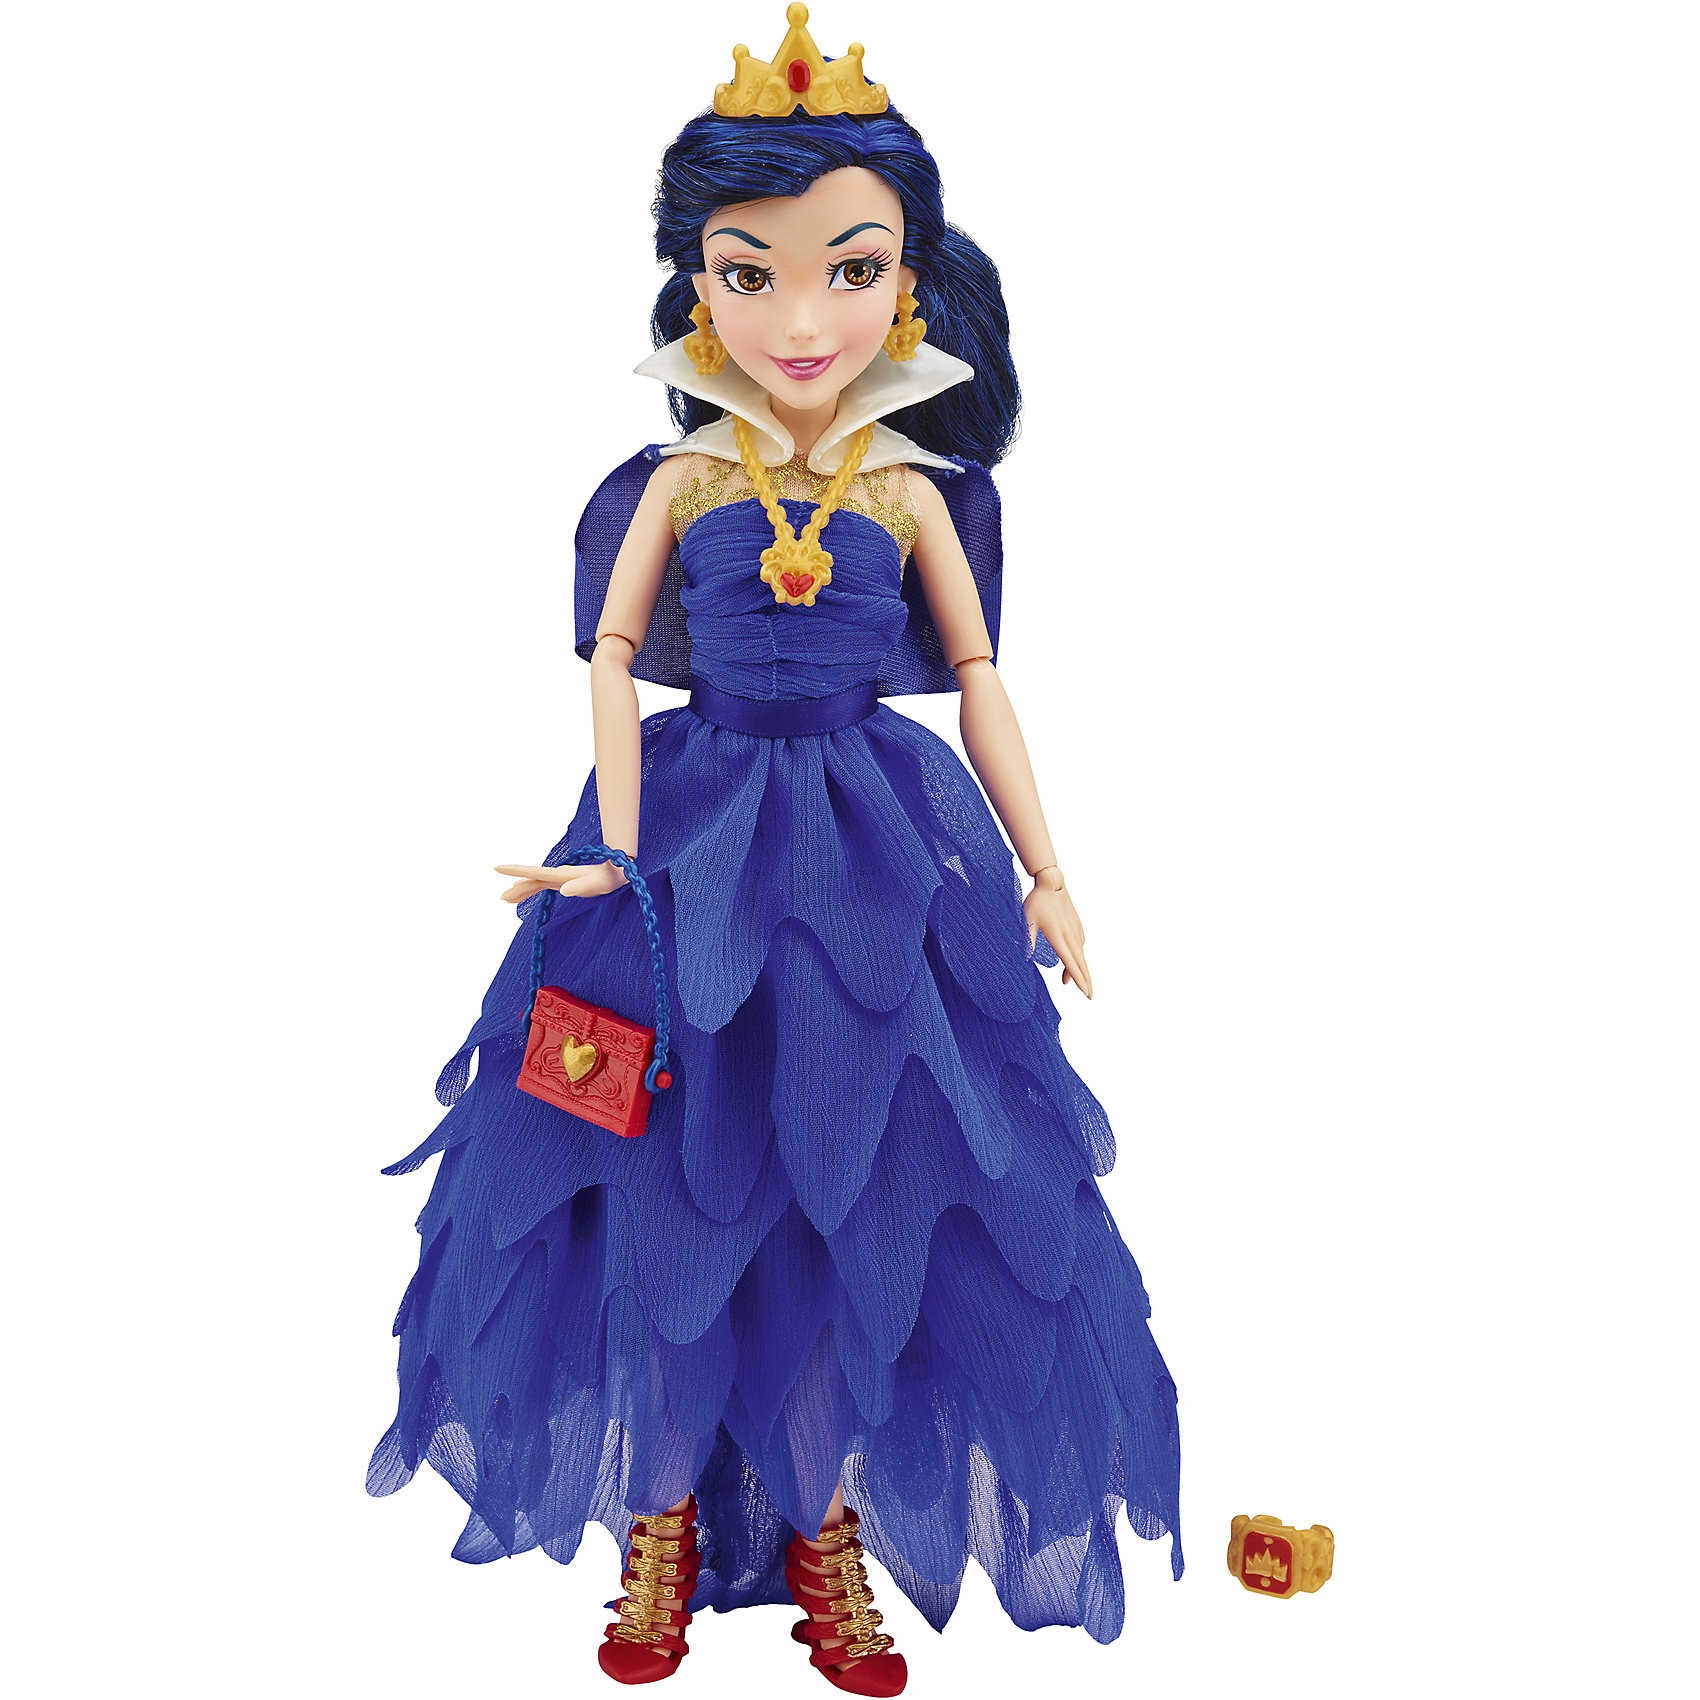 Кукла Иви, Темные герои в платьях для коронации, Наследники, DisneyИгрушки<br>Темные герои в платьях для коронации, Наследники, Disney, B3120/B3122.<br><br>Характеристики:<br><br>- В наборе: 1 кукла в платье для коронации, корона, украшение, сумочка, кольцо для девочки<br>- Высота куклы: 27,5 см.<br>- Материал: высококачественный пластик, текстиль<br><br>Замечательная кукла Иви станет приятным подарком для девочки - поклонницы мультфильма «Наследники». Кукла выполнена с соблюдением внешних особенностей диснеевской героини Иви, дочери Злой королевы и одета в праздничное вечернее платье для коронации. В наряде Иви преобладает синий цвет. На ней нарядное платье из легкой ткани, накидка, украшение на шее. На ногах - яркие красные босоножки, а в руках стильная ярко-красная сумочка с синим ремешком. У куклы красивые густые волосы темно-синего цвета, которые можно расчесывать и заплетать. Волосы уложены в прическу, на голове красуется корона. Насыщенный макияж Иви подчеркивает выразительность глаз, а длинные нарисованные реснички делают взгляд проницательным и ярким. А еще вашу малышку ждет приятный сюрприз - в набор входит золотистое колечко с гербом, которое она сможет носить на своей руке. Кукла имеет шарнирное соединение в 11 точках артикуляции, и может принимать любую позу. Игрушка выполнена из качественных, нетоксичных материалов, сертифицированных для производства детских товаров. Используемые красители безопасны для ребёнка.<br><br>Набор Темные герои в платьях для коронации, Наследники, Disney, B3120/B3122 можно купить в нашем интернет-магазине.<br><br>Ширина мм: 63<br>Глубина мм: 252<br>Высота мм: 1750<br>Вес г: 399<br>Возраст от месяцев: 72<br>Возраст до месяцев: 168<br>Пол: Женский<br>Возраст: Детский<br>SKU: 5064676